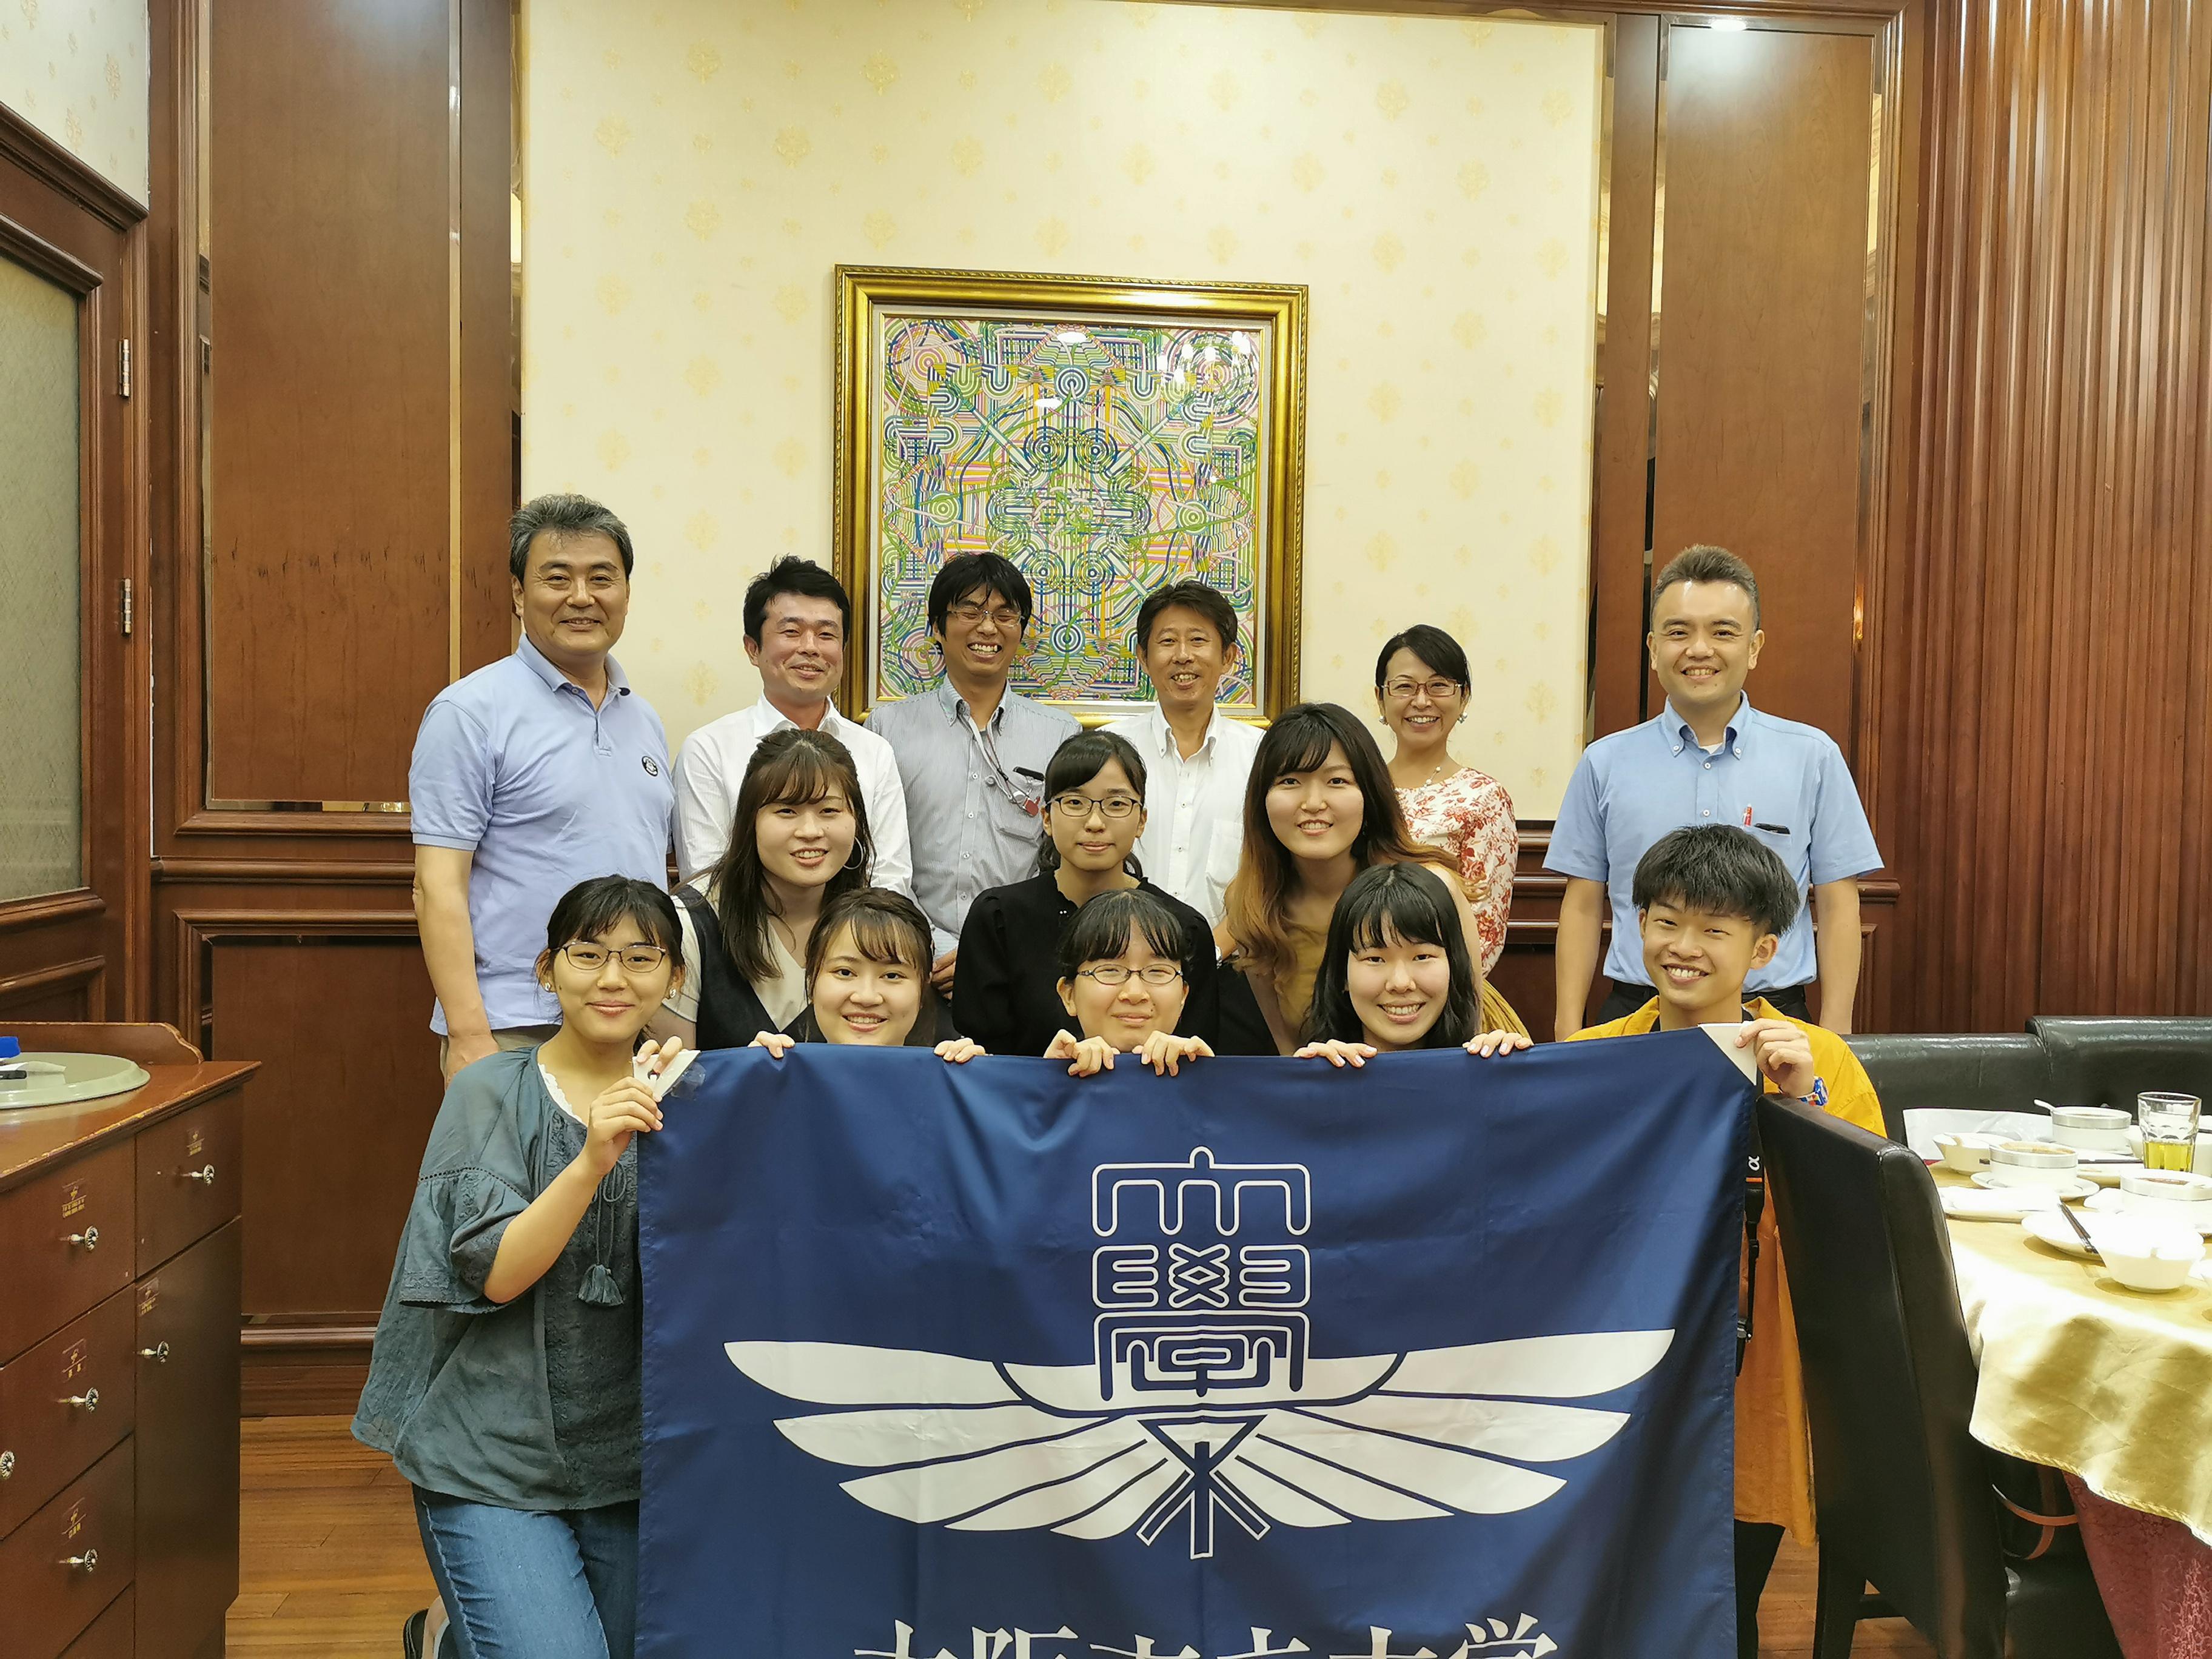 8月20日华东师范大学短期汉语留学生与上海友好会的交流会